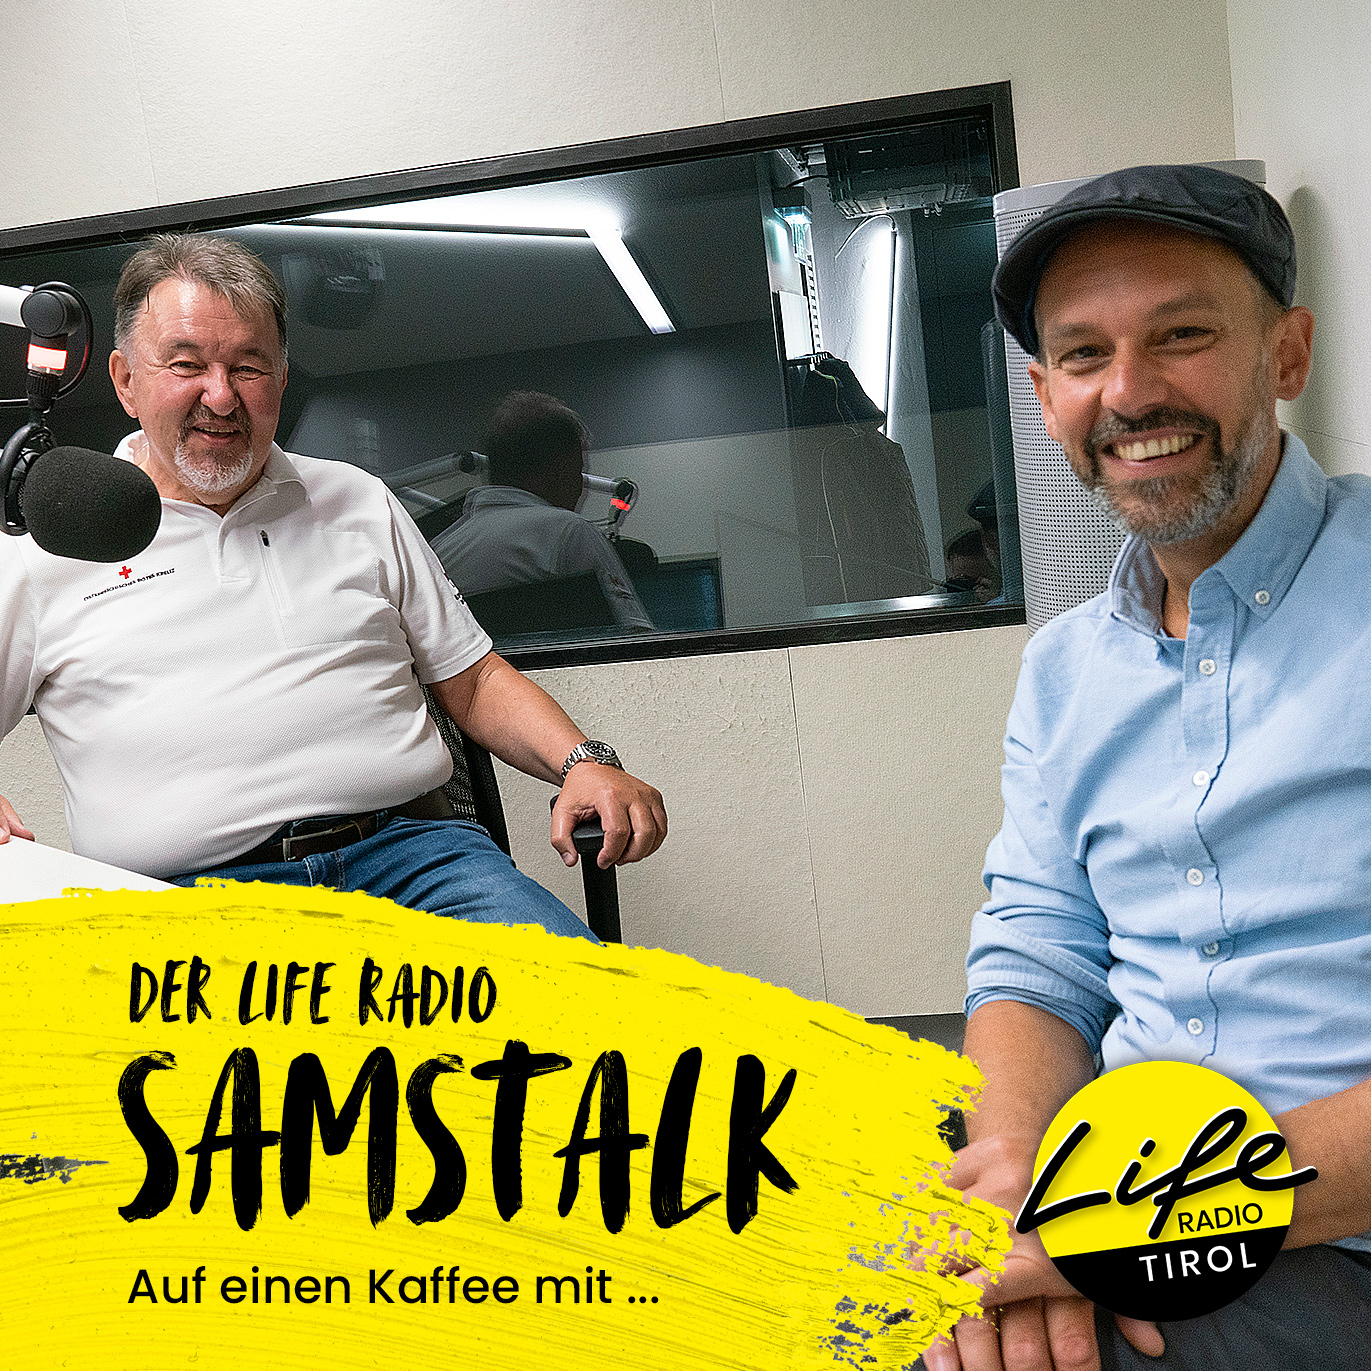 Auf einen Kaffee mit Rettungssanitäter Günter Hofmarcher